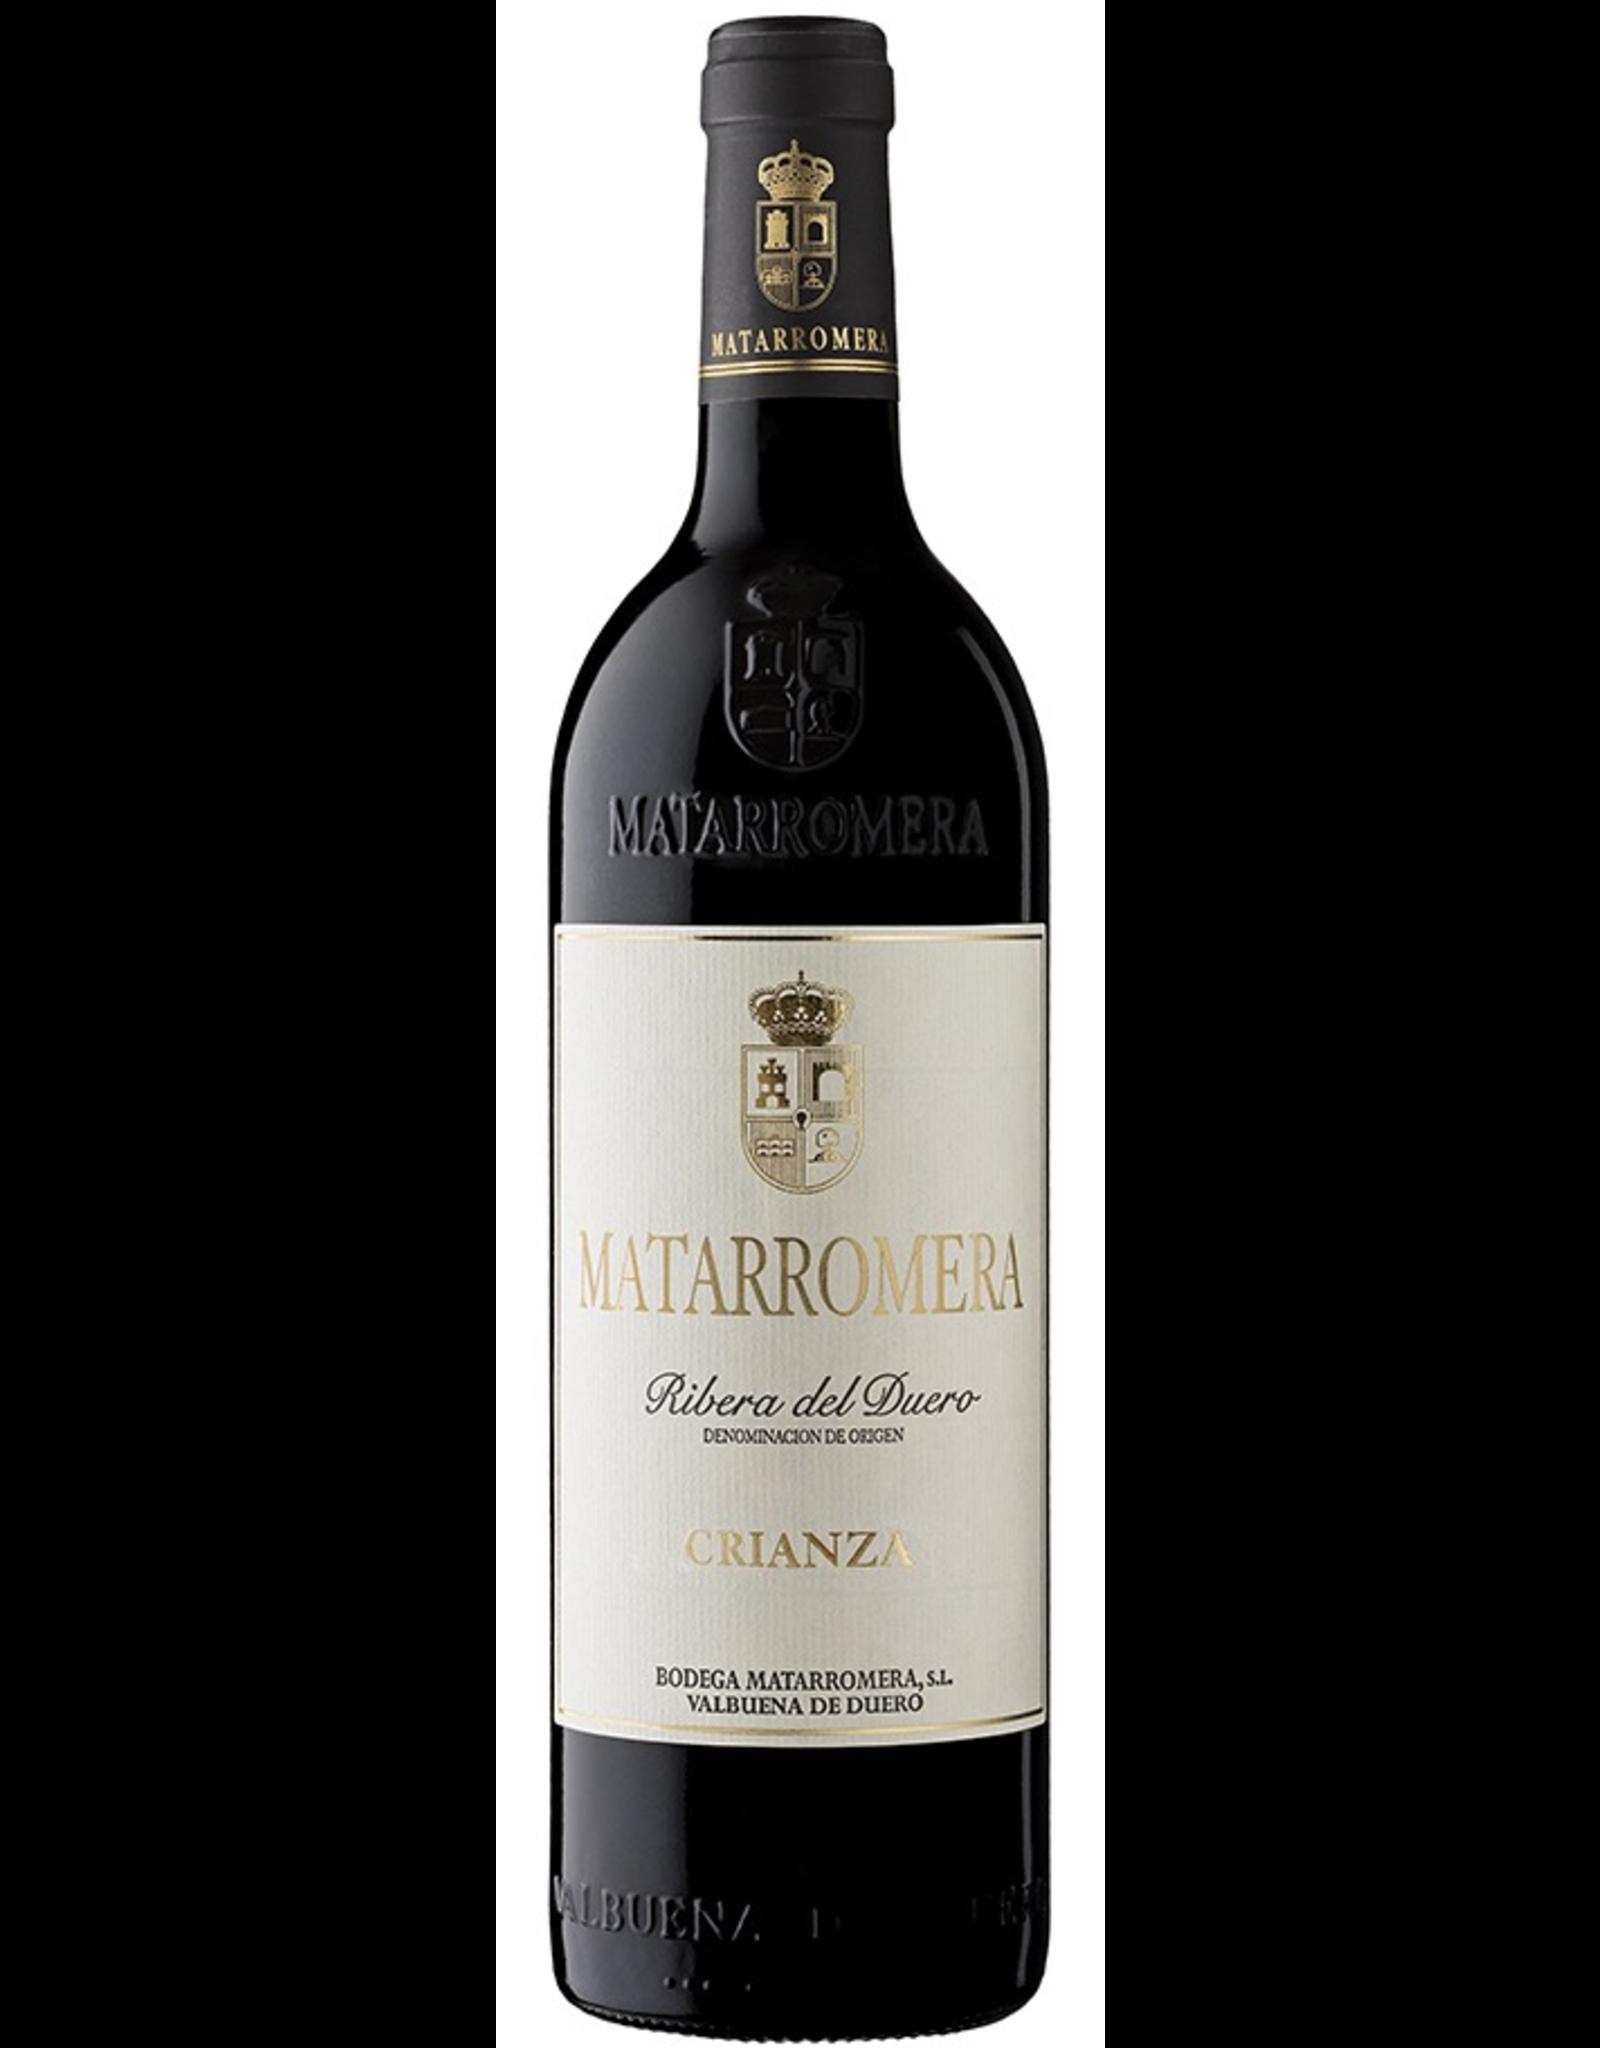 Red Wine 2015, Matarromera Crianza, Tempranillo, Rrbera Del Duero, Castilla y Leon, Spain, 13% Alc, CTnr, TW94